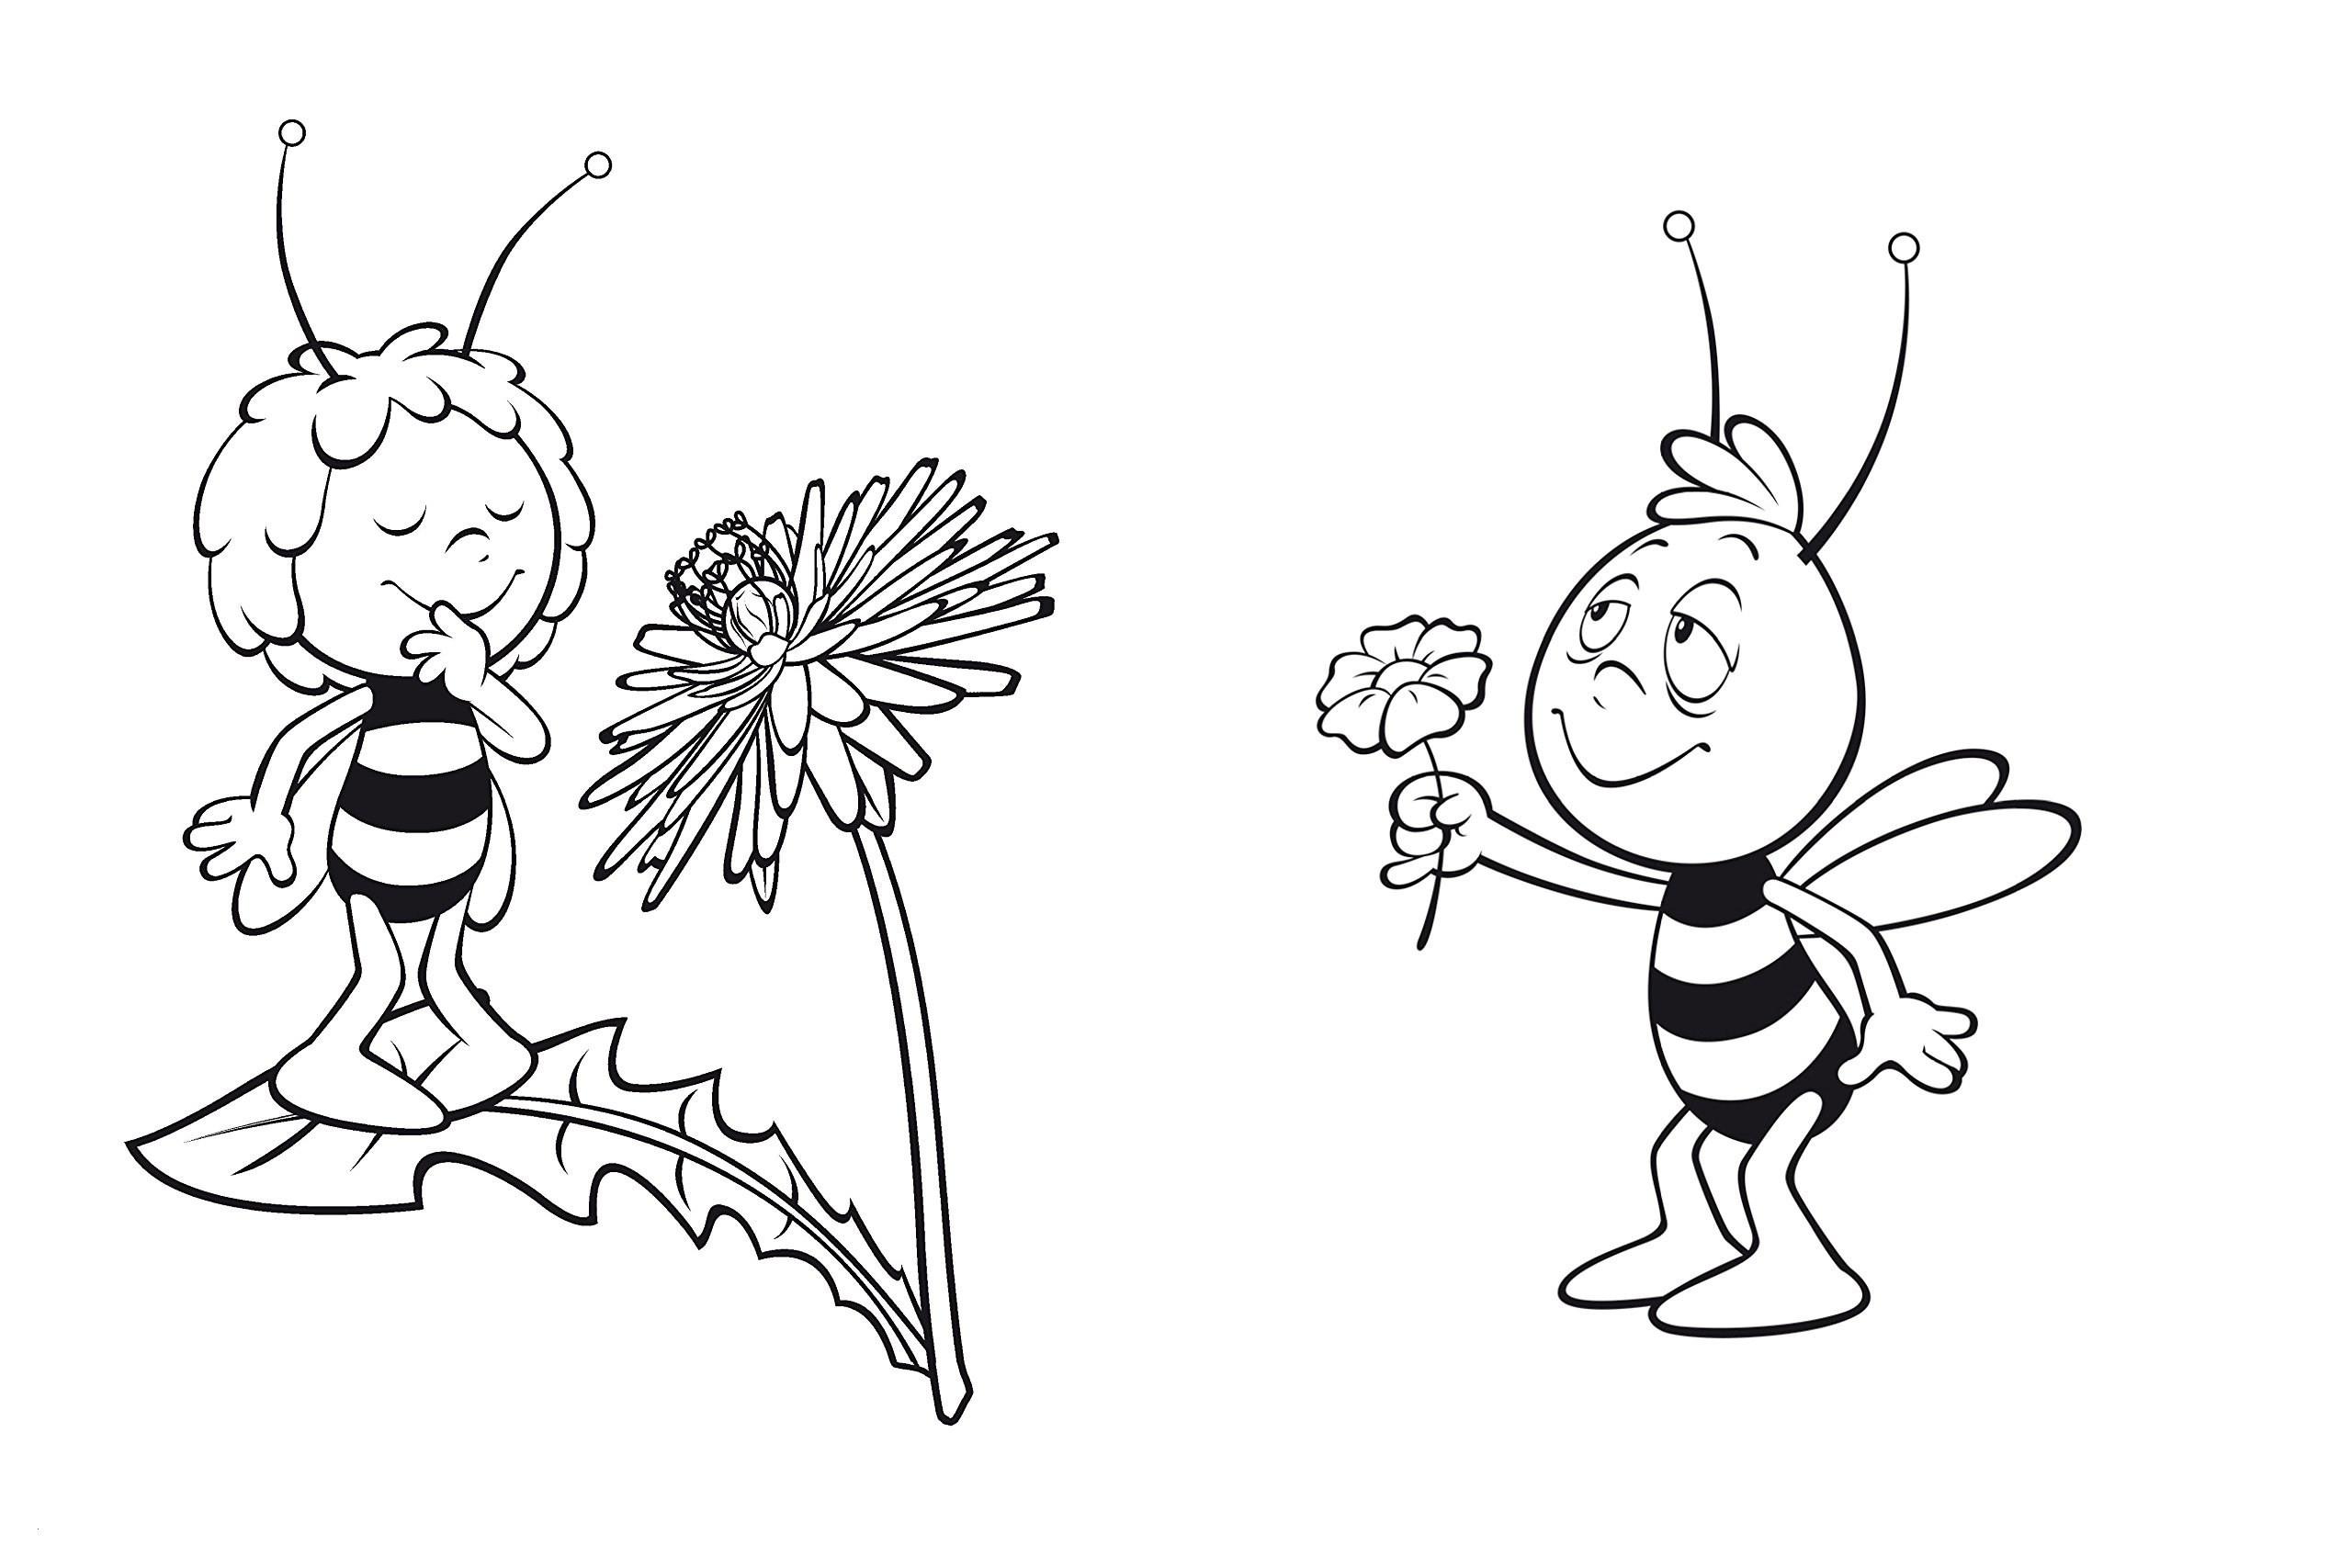 Malvorlage Biene Maja Frisch Bienen Ausmalbilder Schön 35 Ausmalbilder Biene Maja Und Willi Bild